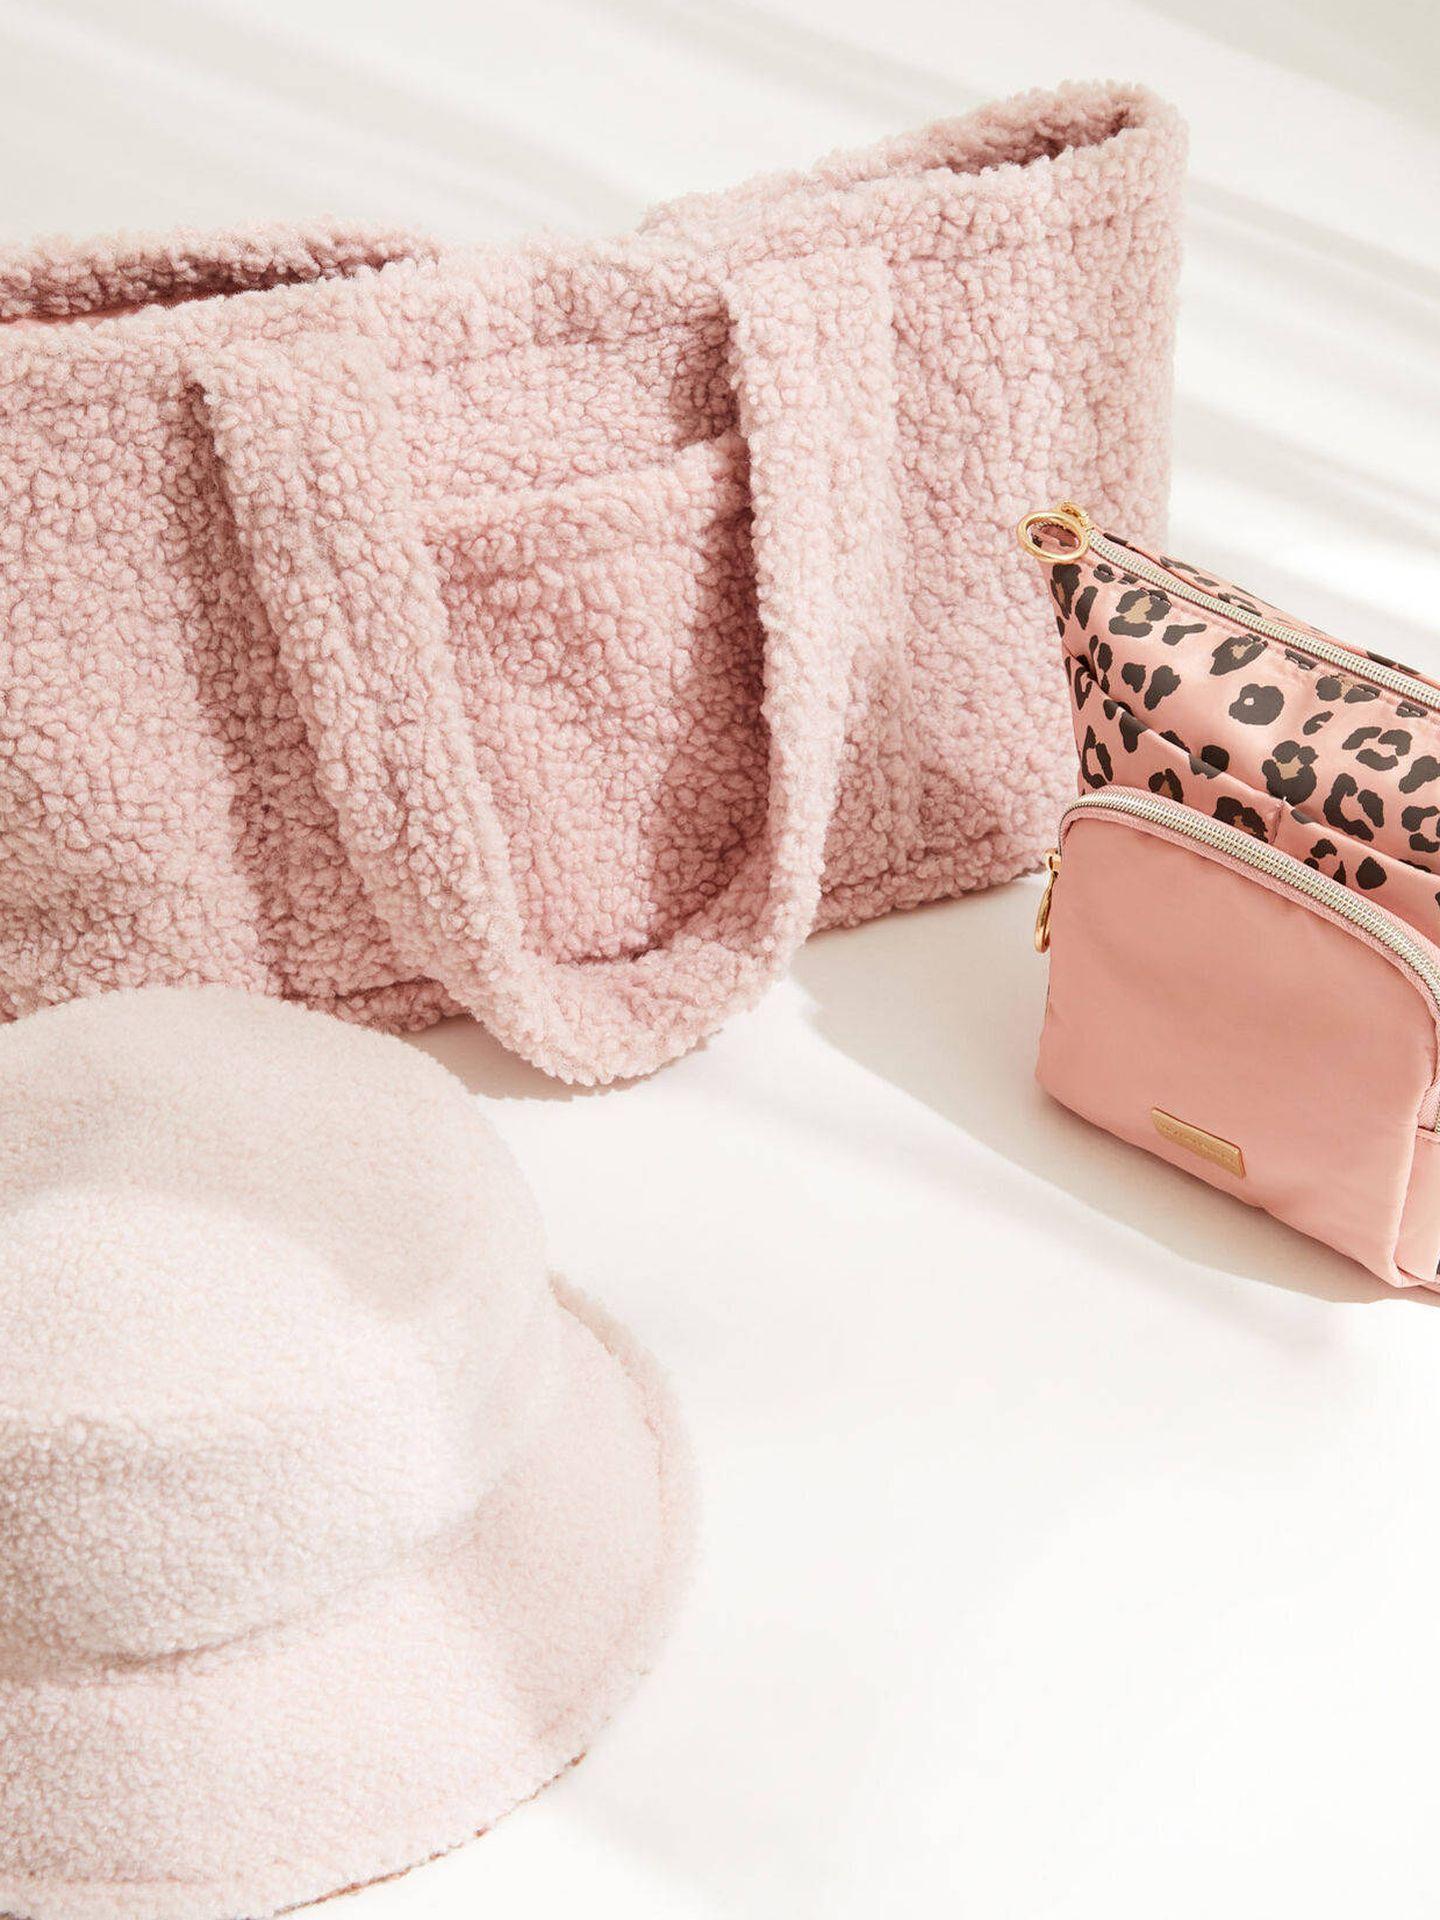 Pack de bolso, neceser y gorro de Women Secret. (Cortesía)